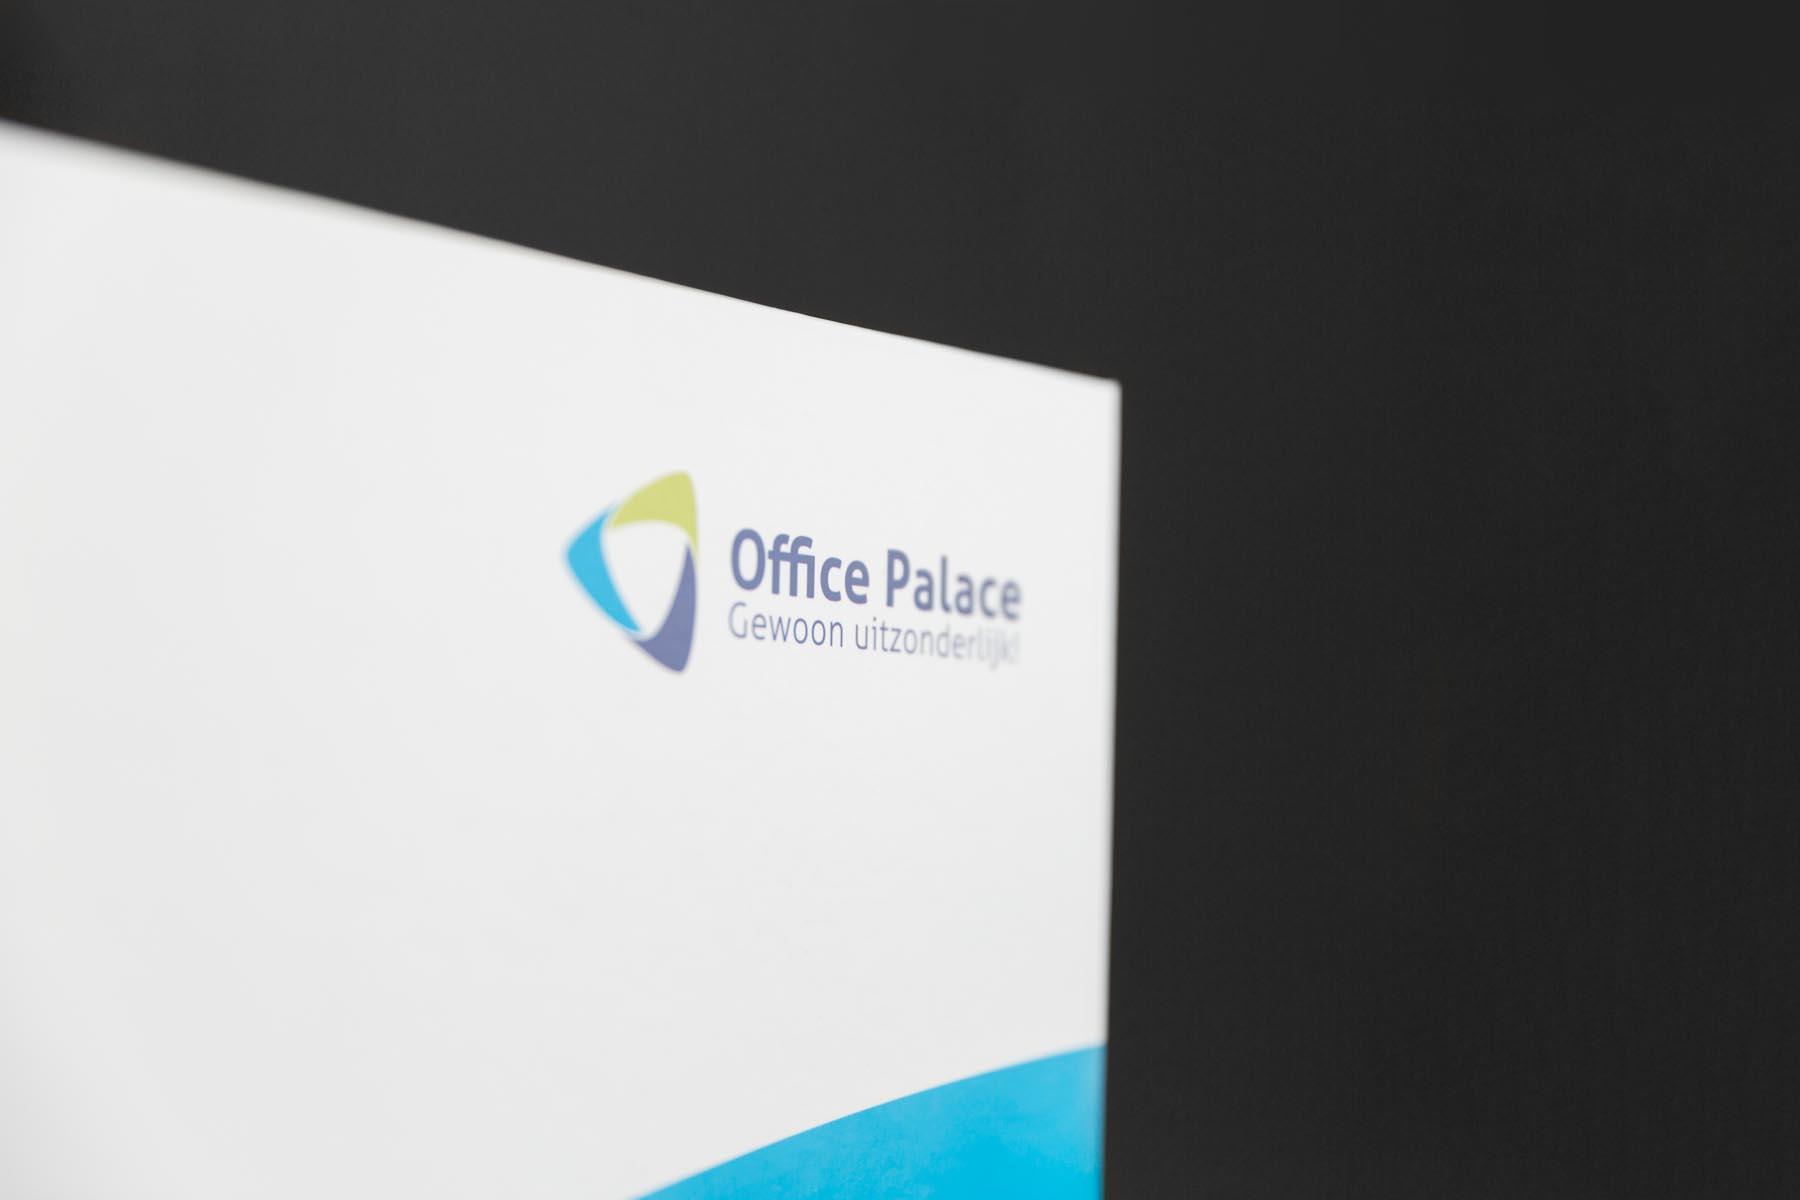 Magneetdoos Office Palace – Reclameburau DMarc(www.dmarc.nl)